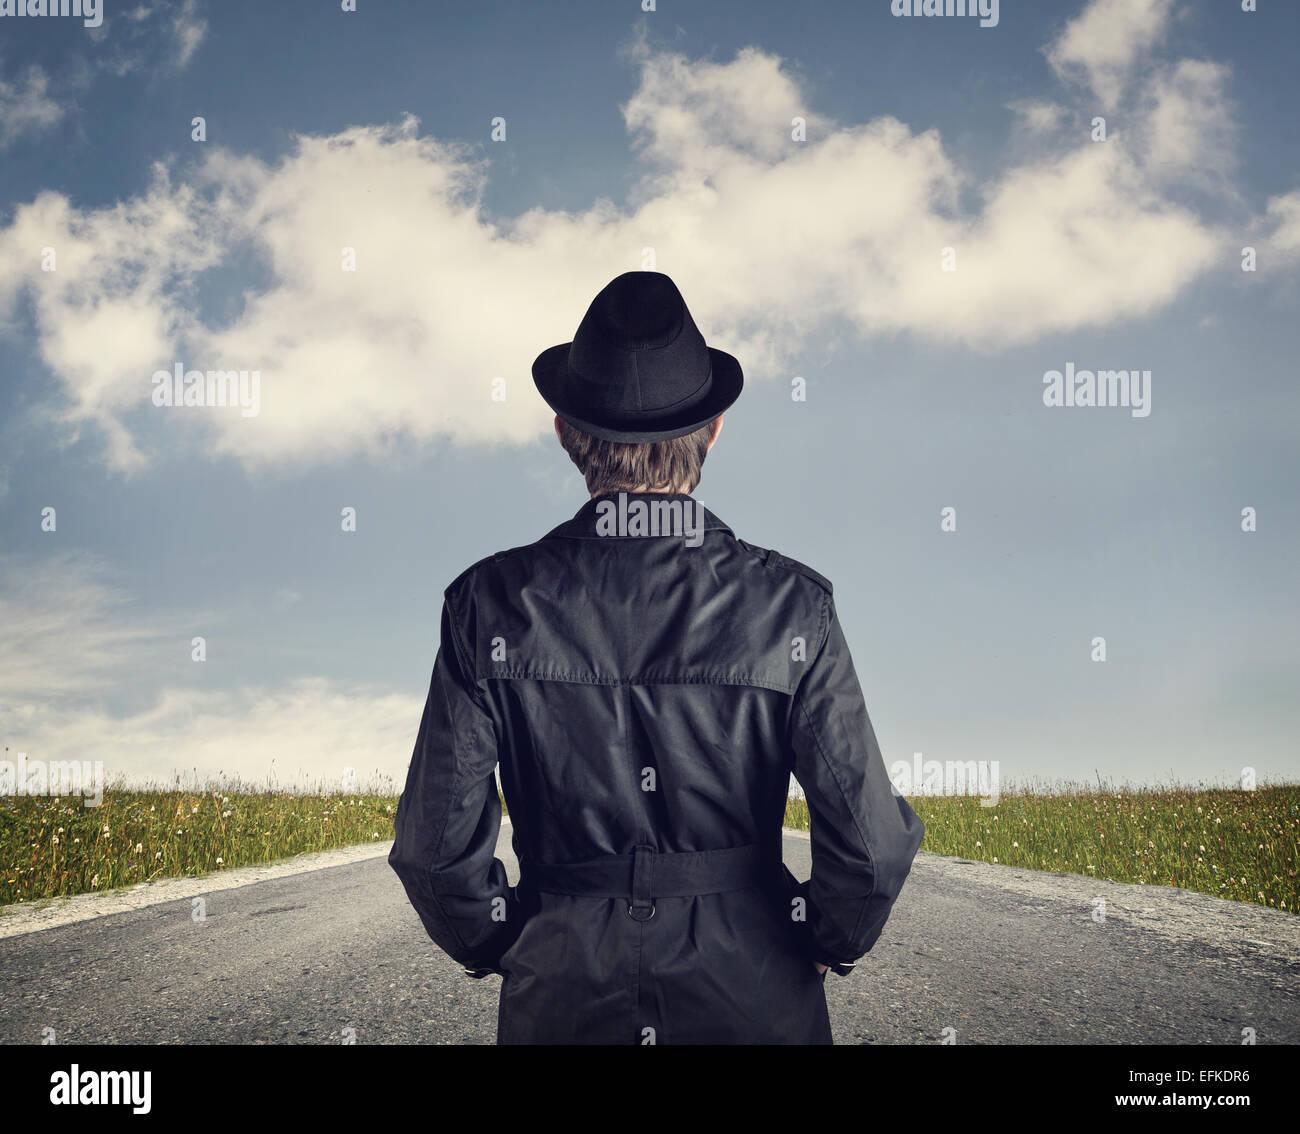 Hombre de negro hat en el camino al cielo nublado fondo azul Imagen De Stock